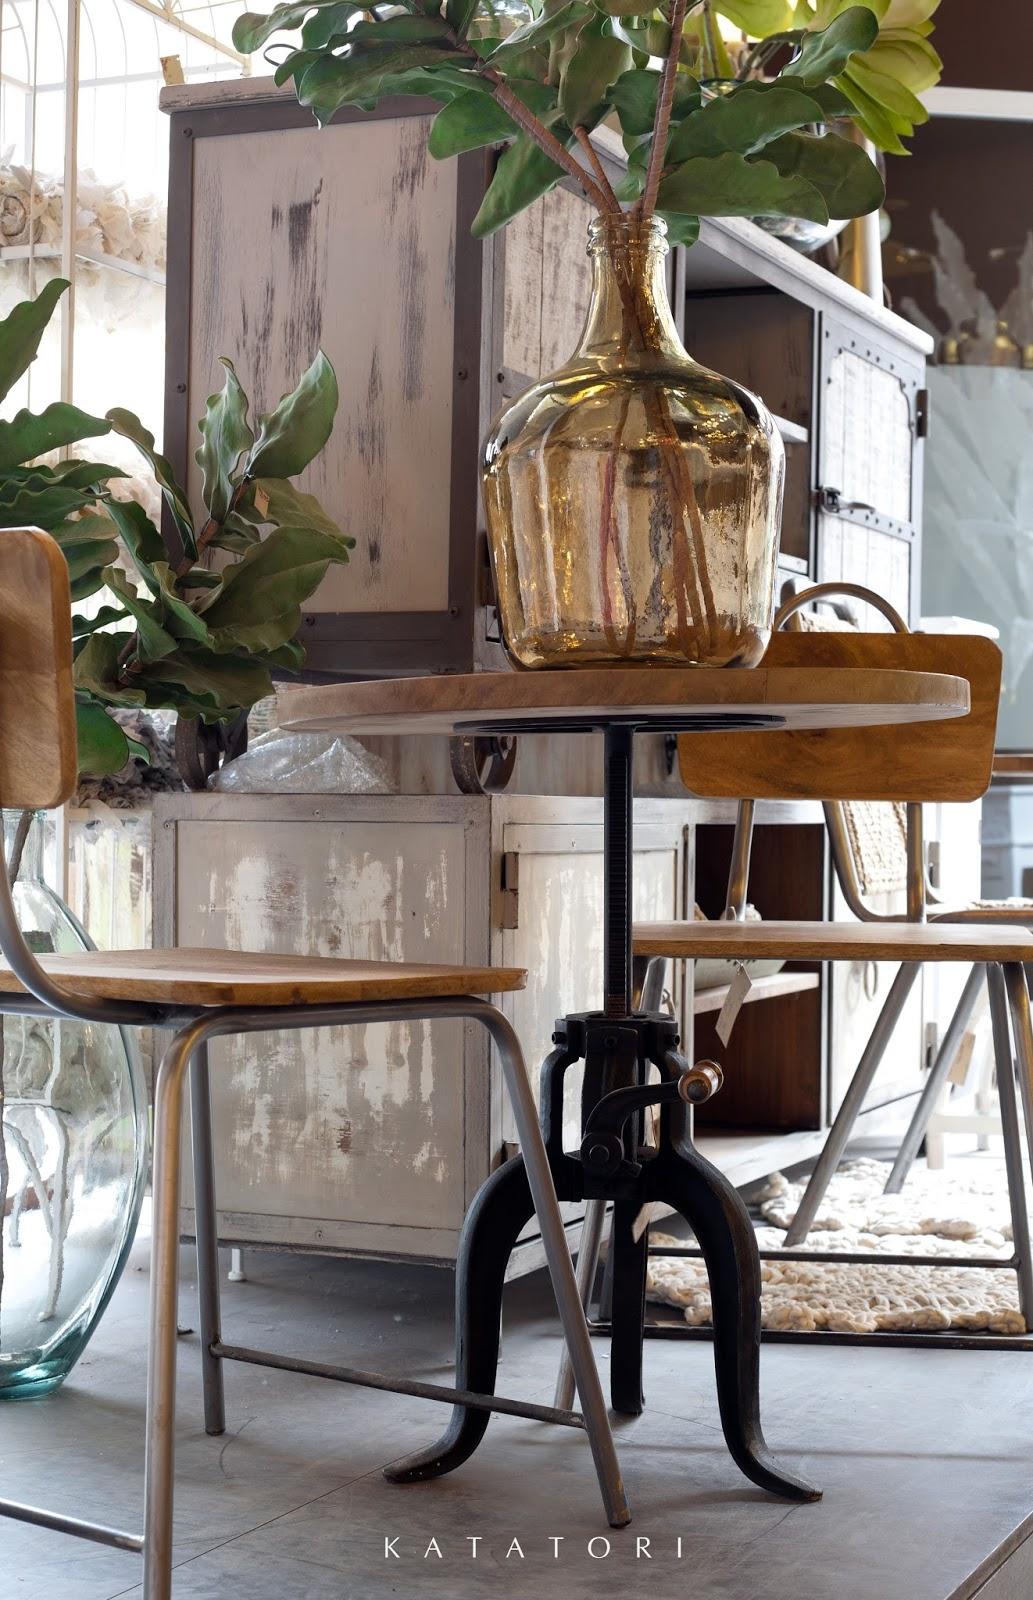 Katatori interiores mobiliario de estilo industrial para - Estilos de mobiliario ...